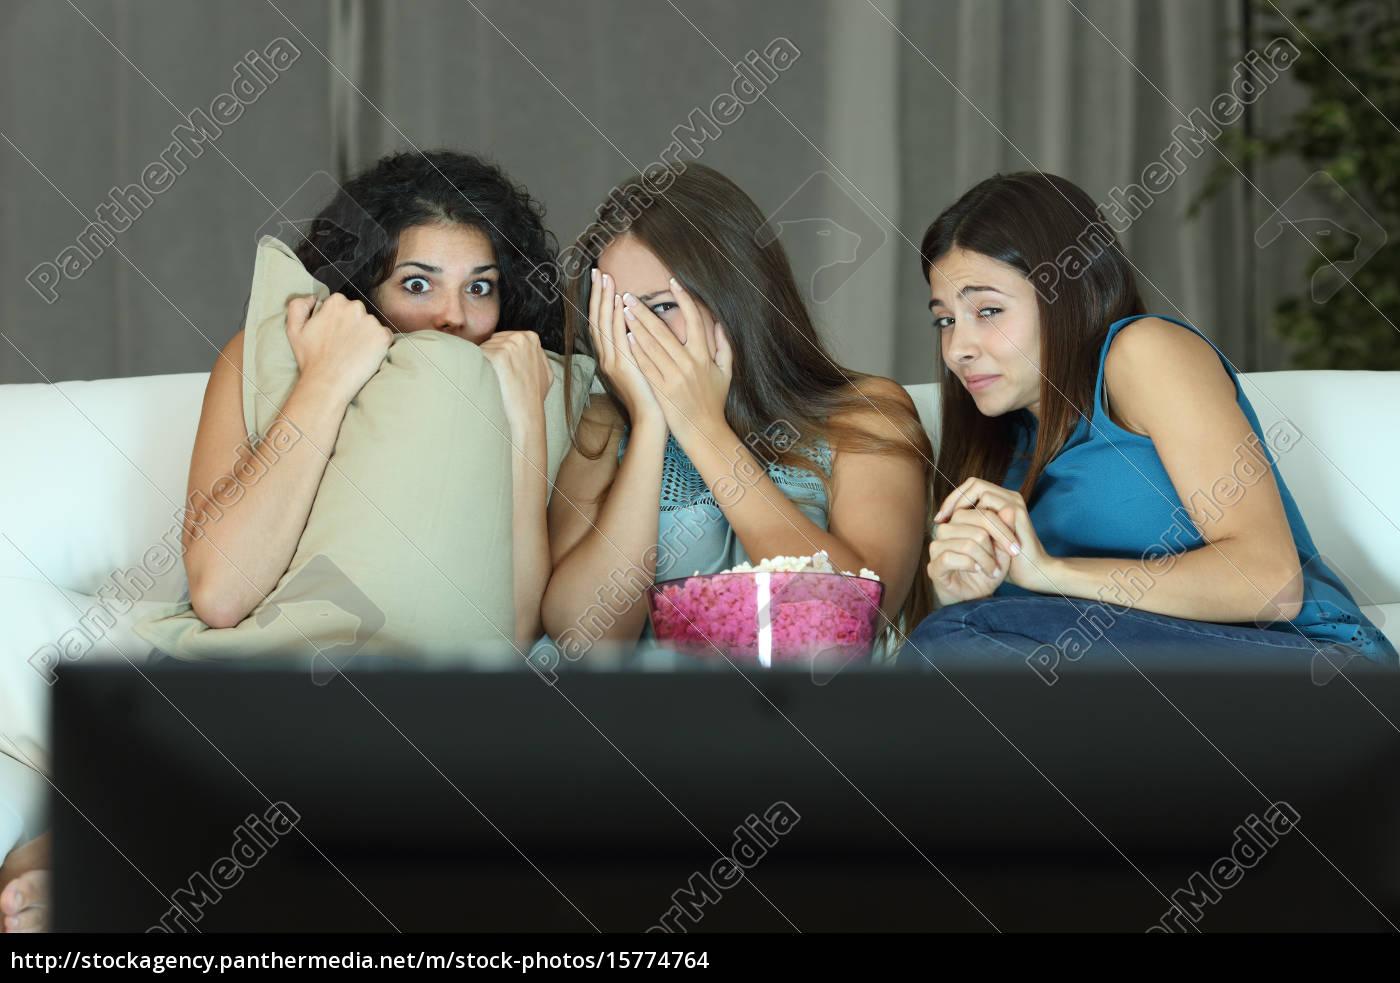 meninas, que, prestam, atenção, a, um - 15774764